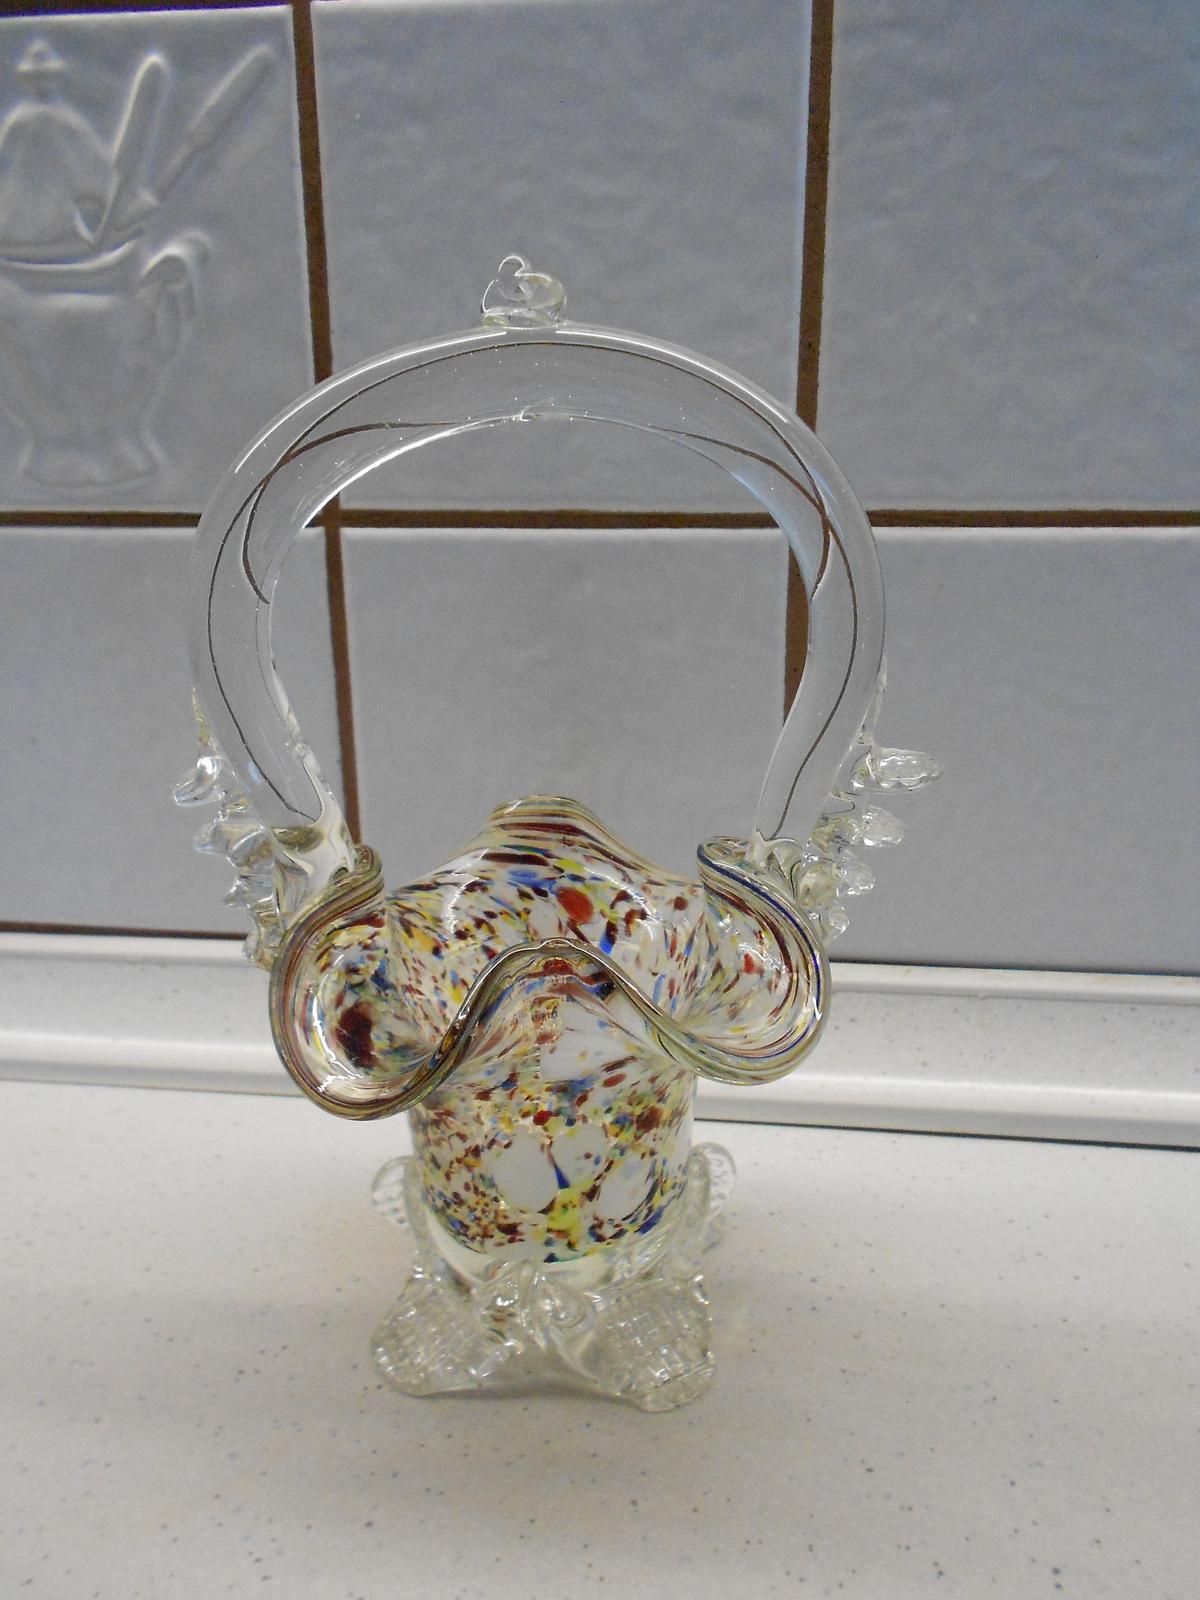 sklenený košík - Obrázok č. 1